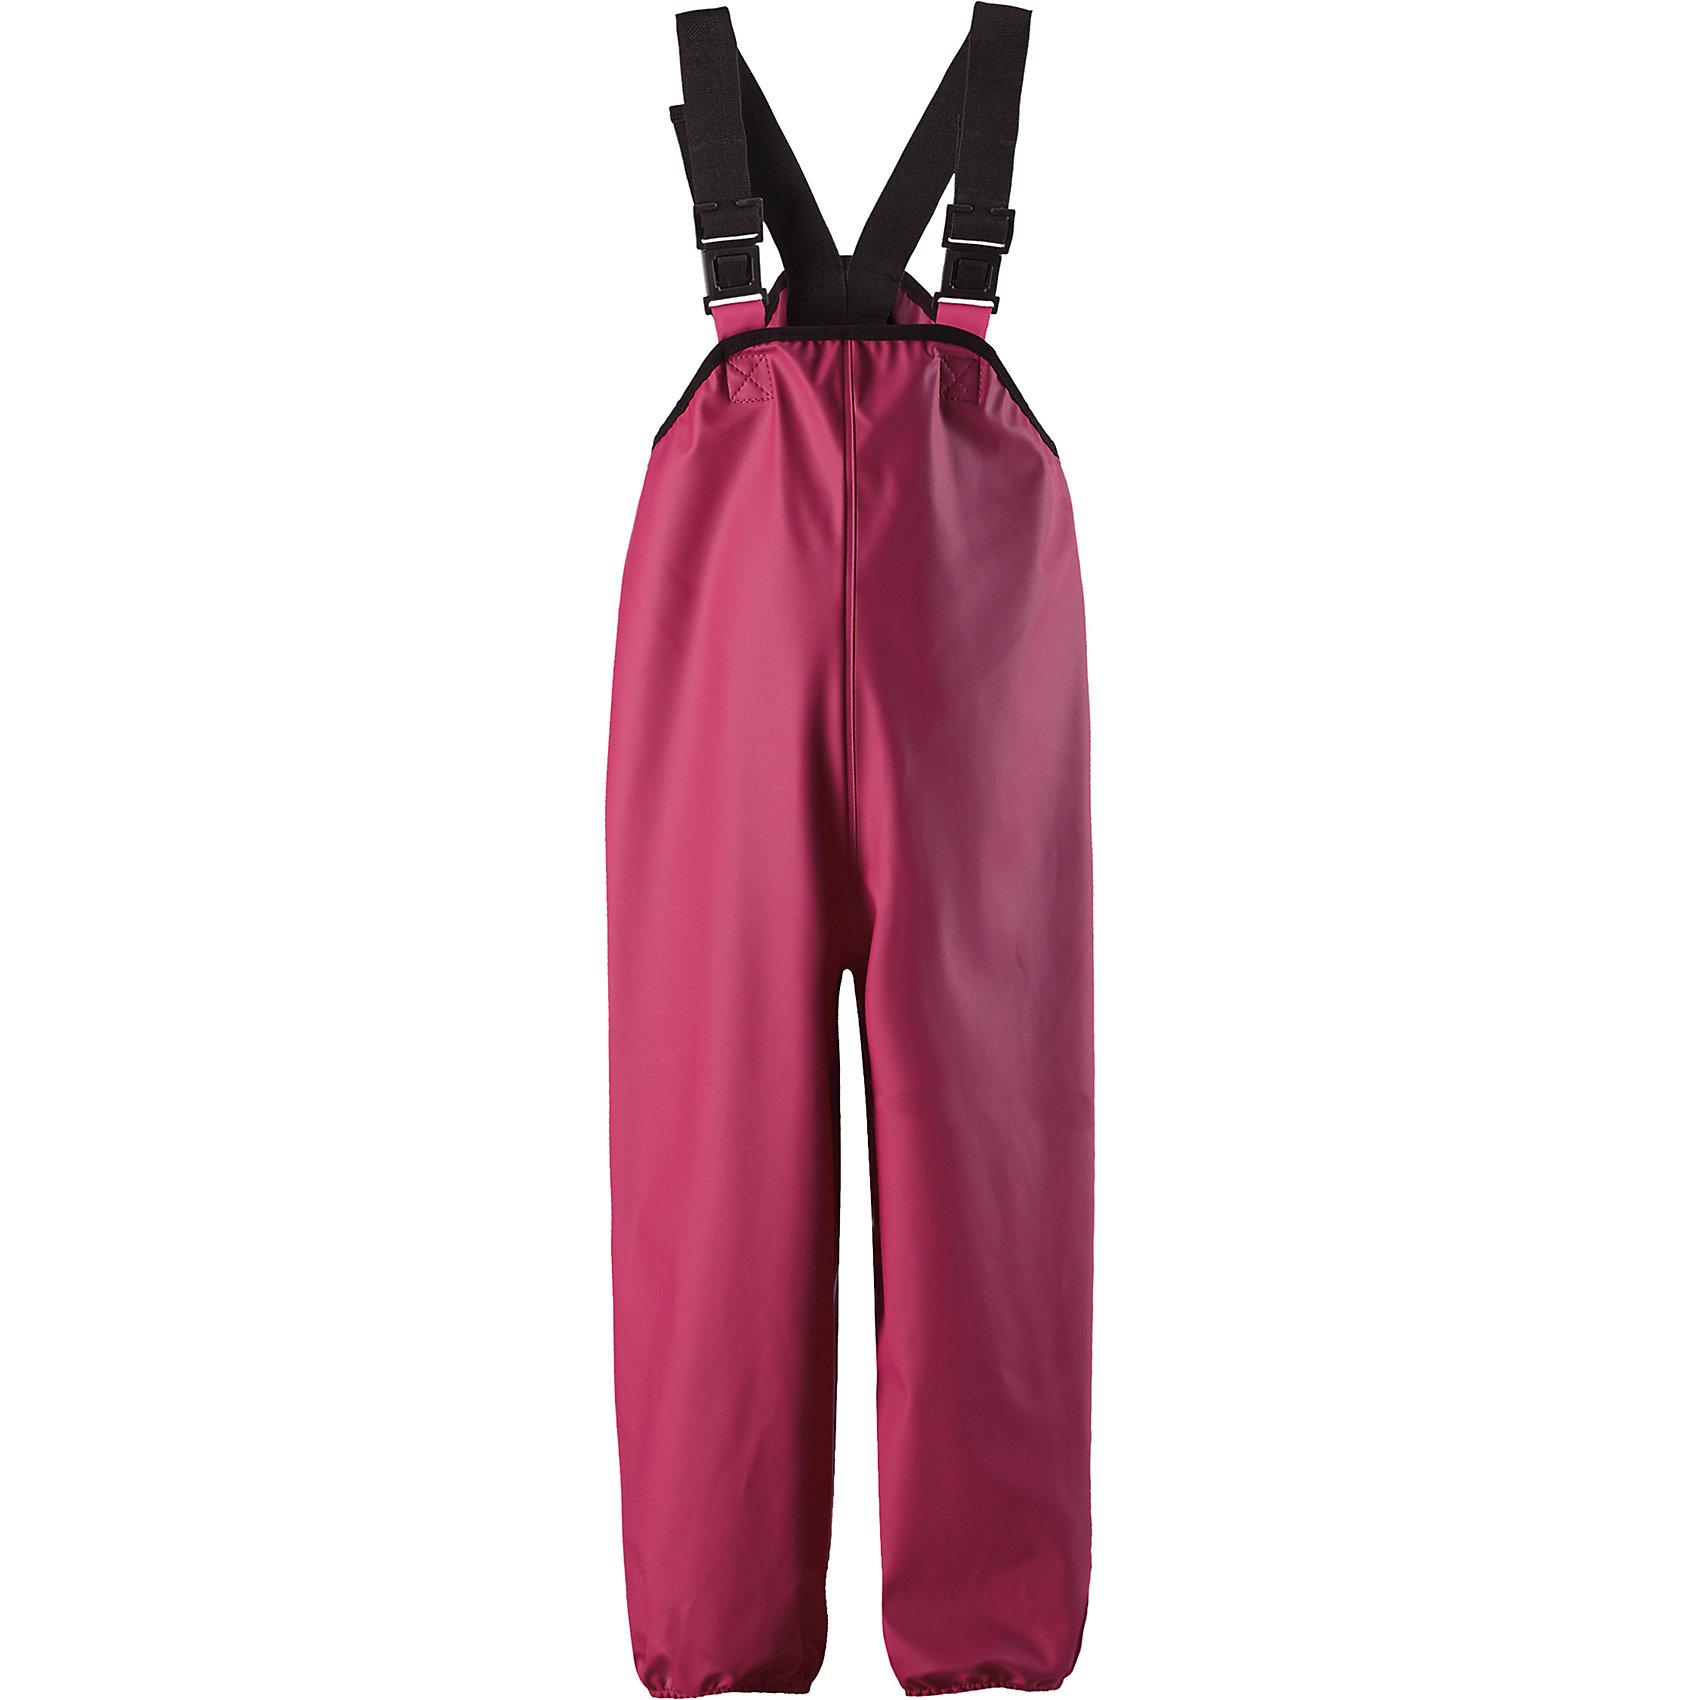 Дождевые брюки Reima LammikkoОдежда<br>Характеристики товара:<br><br>• цвет: розовый;<br>• состав: 100% полиэстер;<br>• без подкладки и утеплителя;<br>• температурный режим: от +15 до -15С;<br>• сезон: демисезон; <br>• водонепроницаемость: 8000 мм;<br>• брюки для дождливой погоды;<br>• запаянные швы, не пропускающие влагу;<br>• эластичный материал;<br>• без ПВХ;<br>• регулируемый обхват талии;<br>• эластичные штанины;<br>• съемные эластичные штрипки;<br>• регулируемые подтяжки;<br>• светоотражающие детали;<br>• страна бренда: Финляндия;<br>• страна изготовитель: Китай.<br><br>Классические брюки для дождливой погоды гарантируют полную защиту. Материал – мягкий, но водонепроницаемый и грязеотталкивающий. К тому же он не «деревенеет» на морозе, поэтому брюки можно носить круглый год. Швы запаяны и абсолютно водонепроницаемы. Удобные эластичные подтяжки удерживают брюки во время активных игр, а штрипки не дадут брючинам задираться на голенищах резиновых сапог. Без подкладки.<br><br>Брюки Lammikko Reima от финского бренда Reima (Рейма) можно купить в нашем интернет-магазине.<br><br>Ширина мм: 215<br>Глубина мм: 88<br>Высота мм: 191<br>Вес г: 336<br>Цвет: розовый<br>Возраст от месяцев: 84<br>Возраст до месяцев: 96<br>Пол: Унисекс<br>Возраст: Детский<br>Размер: 128,80,86,92,98,104,110,116,122<br>SKU: 6901542